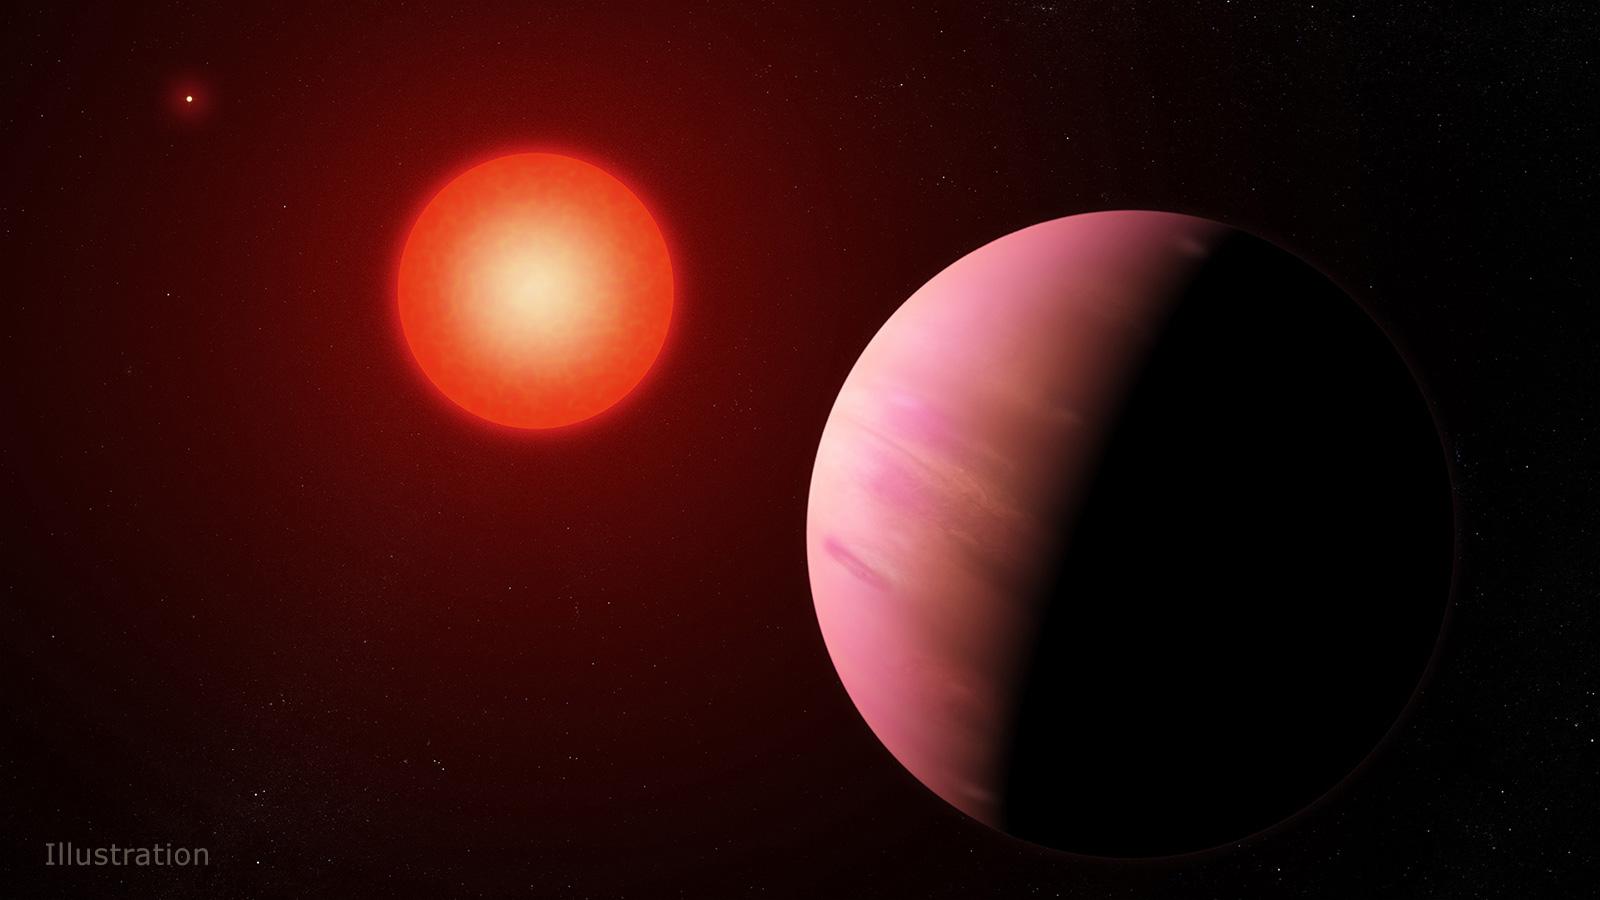 Астрономы обнаружили новейшую экзопланету, которая вдвое больше Земли